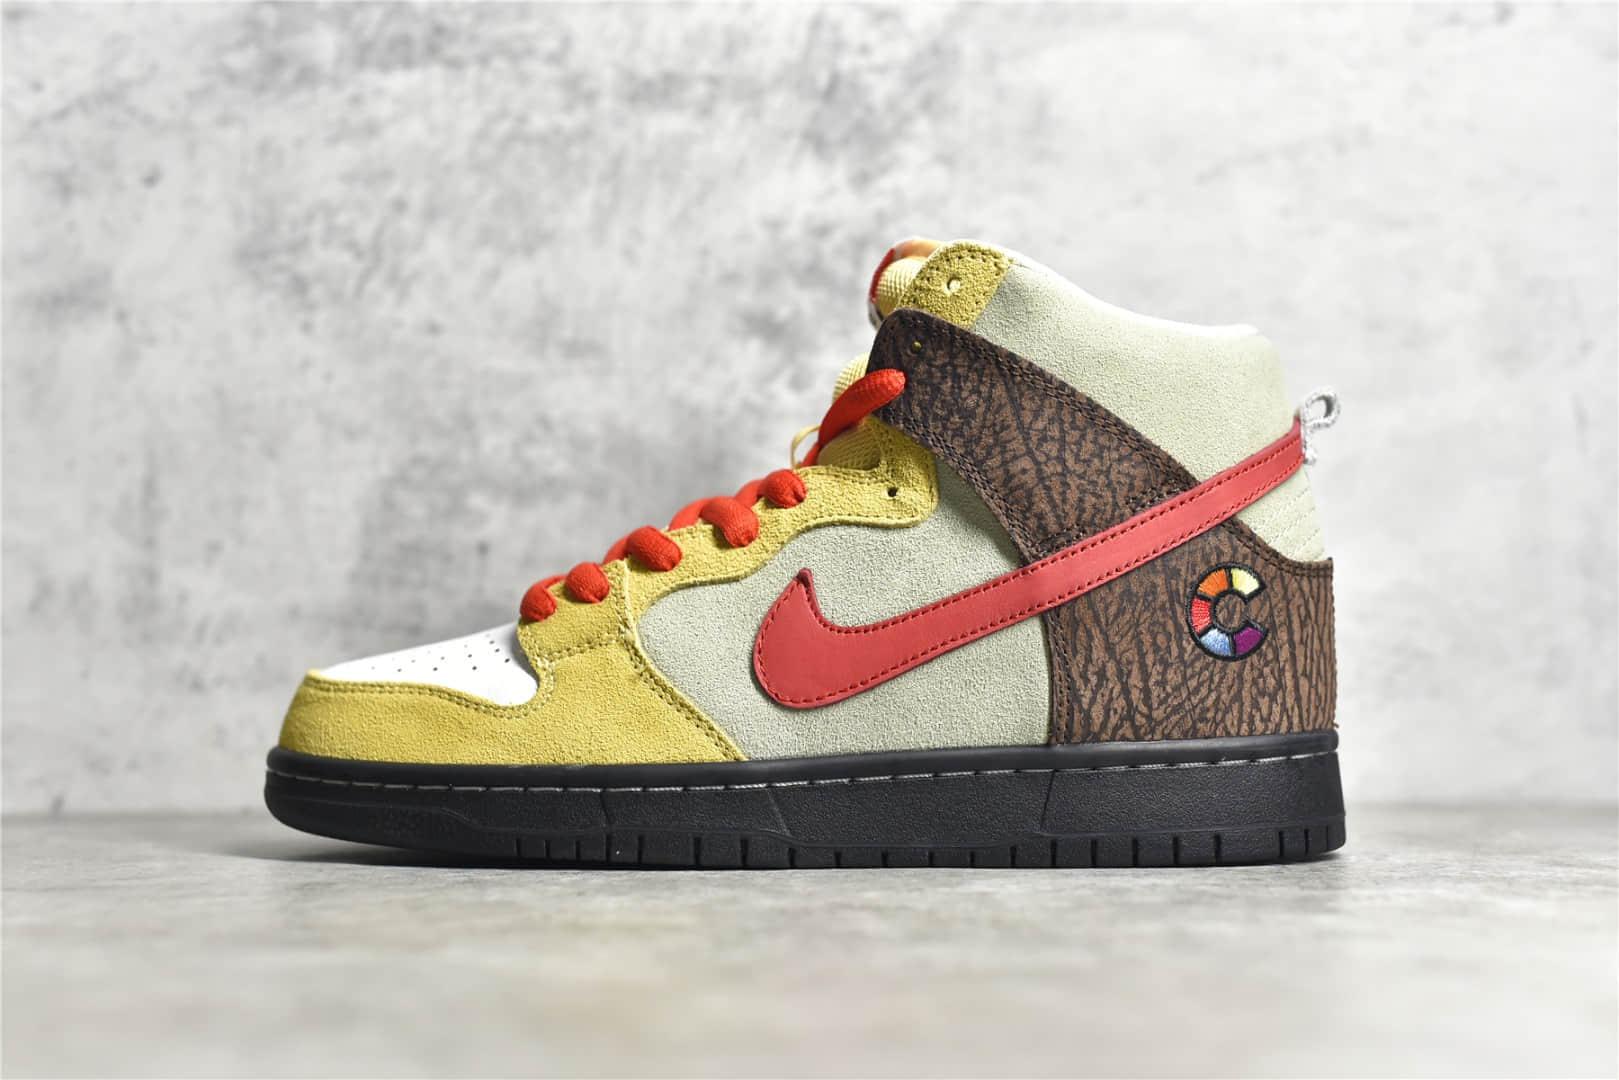 """耐克SB DUNK烤肉高帮板鞋 Nike Dunk Sb High """"Kebab & Destroy"""" 耐克Dunk白黄麂皮高帮 货号:CZ2205-700-潮流者之家"""